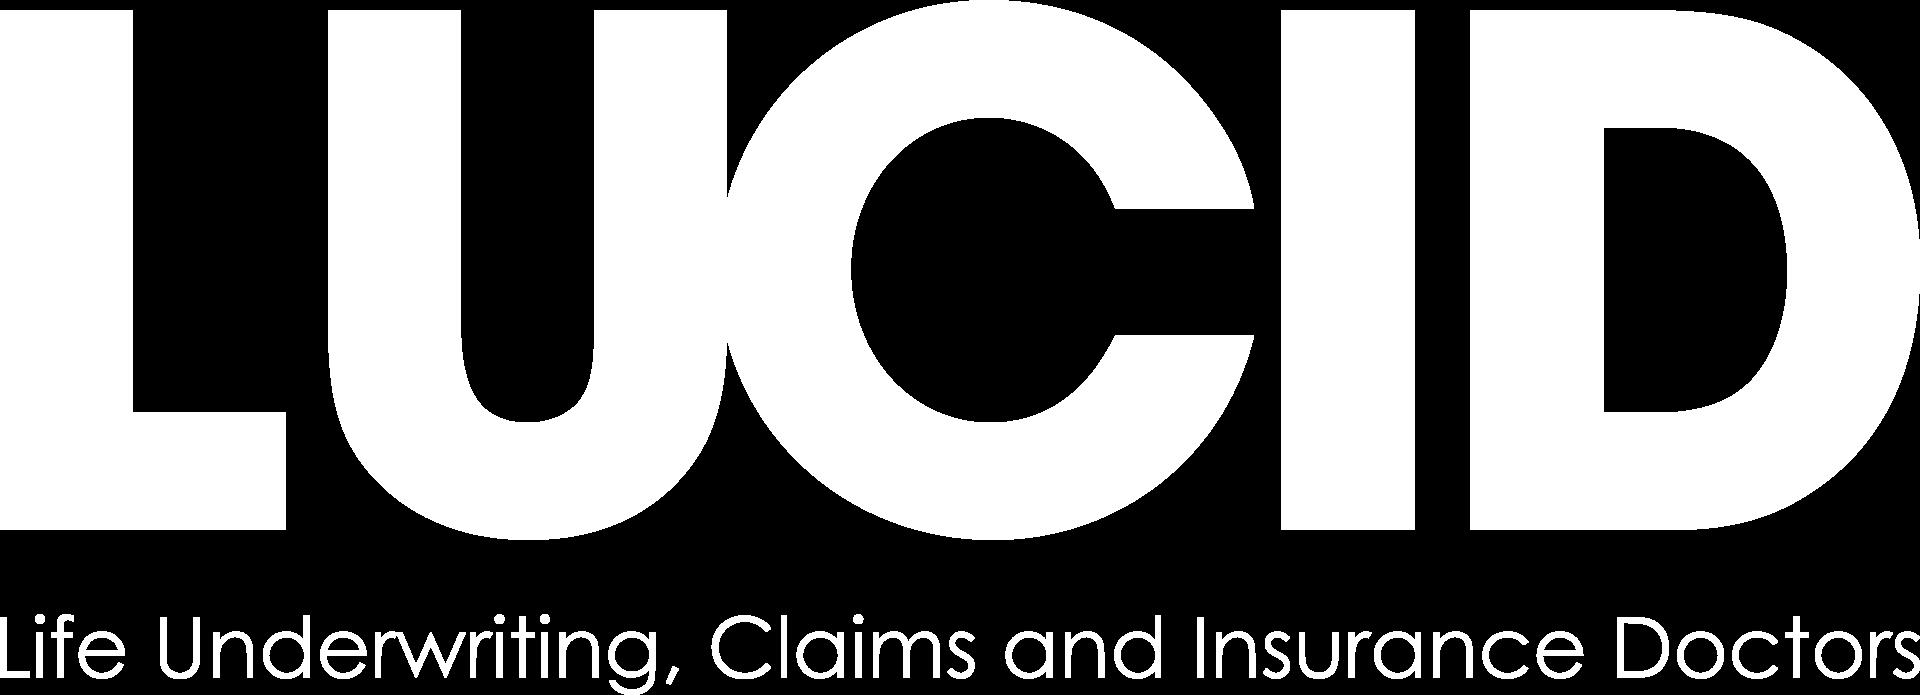 Lucid Logo - 1920 x 695